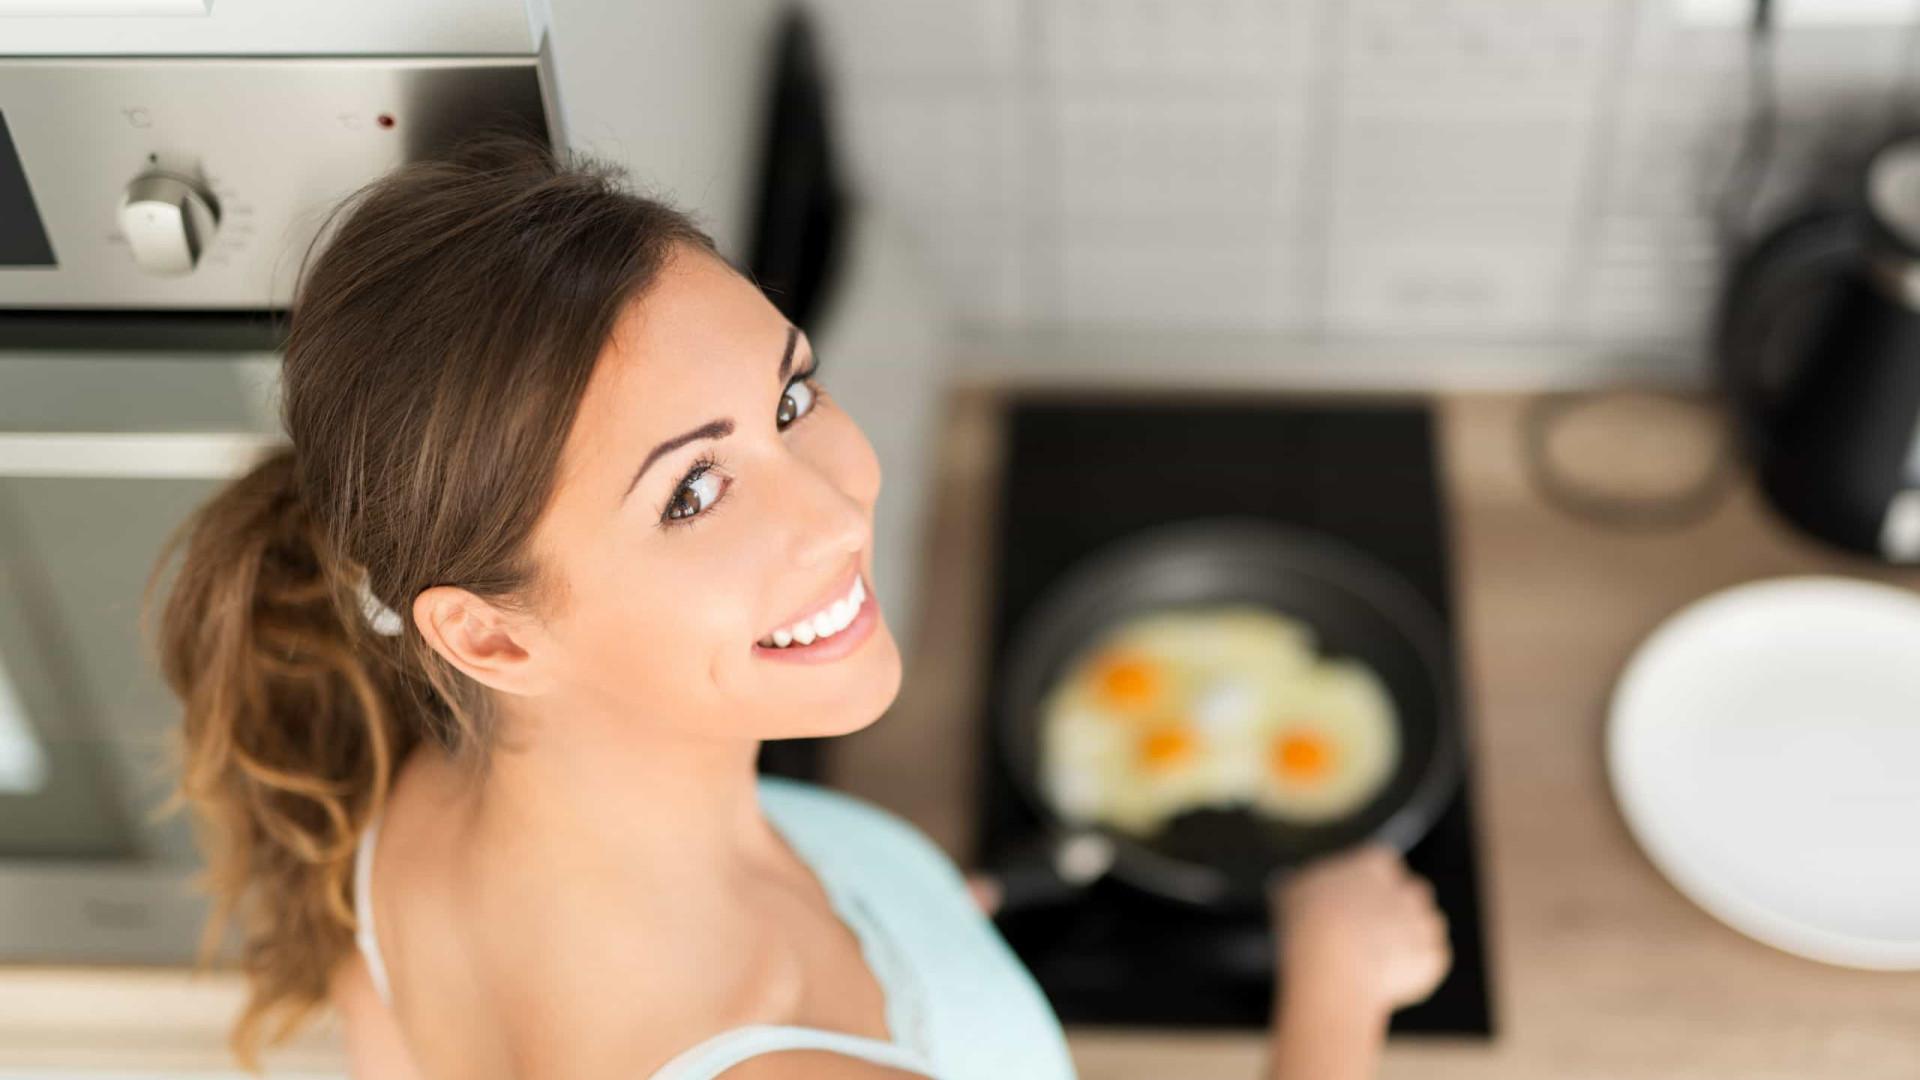 Os 5 alimentos que precisa comer no café da manhã se quiser emagrecer